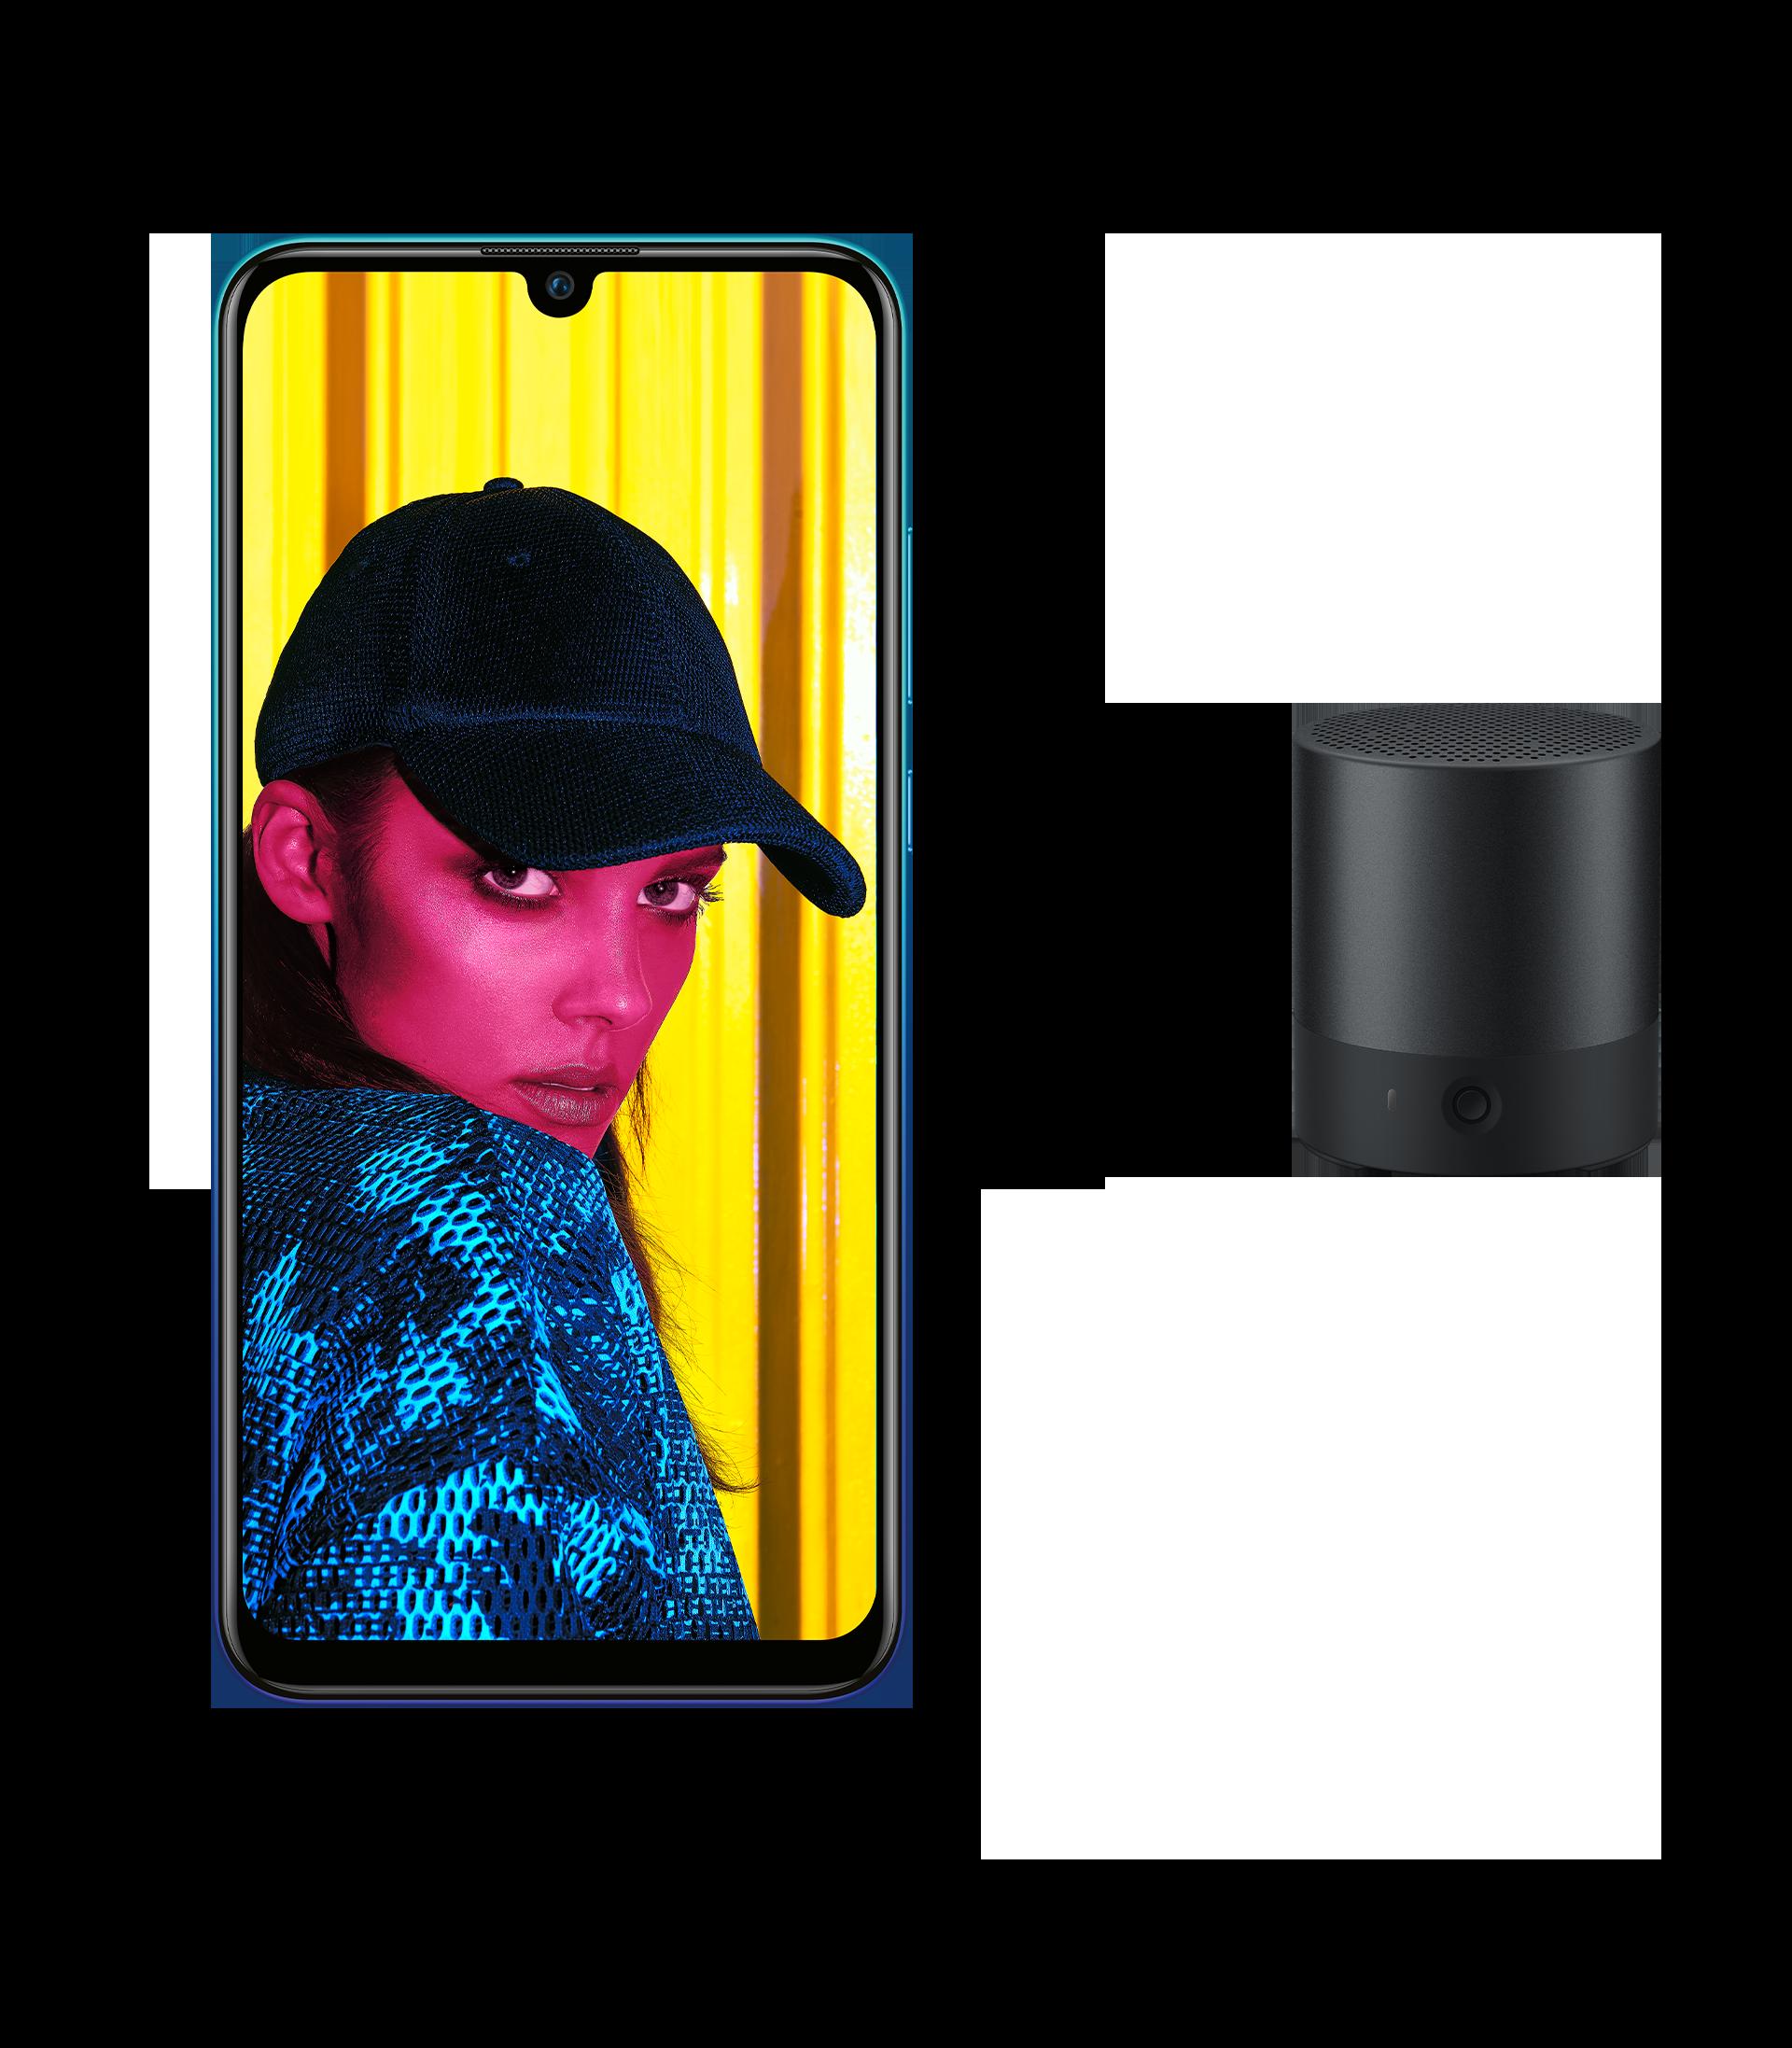 HUAWEI P smart 2019 Smartphone in der HUAWEI Sommeraktion mit HUAWEI Mini Speaker Gratis-Lautsprecher, Handy Vorderseite